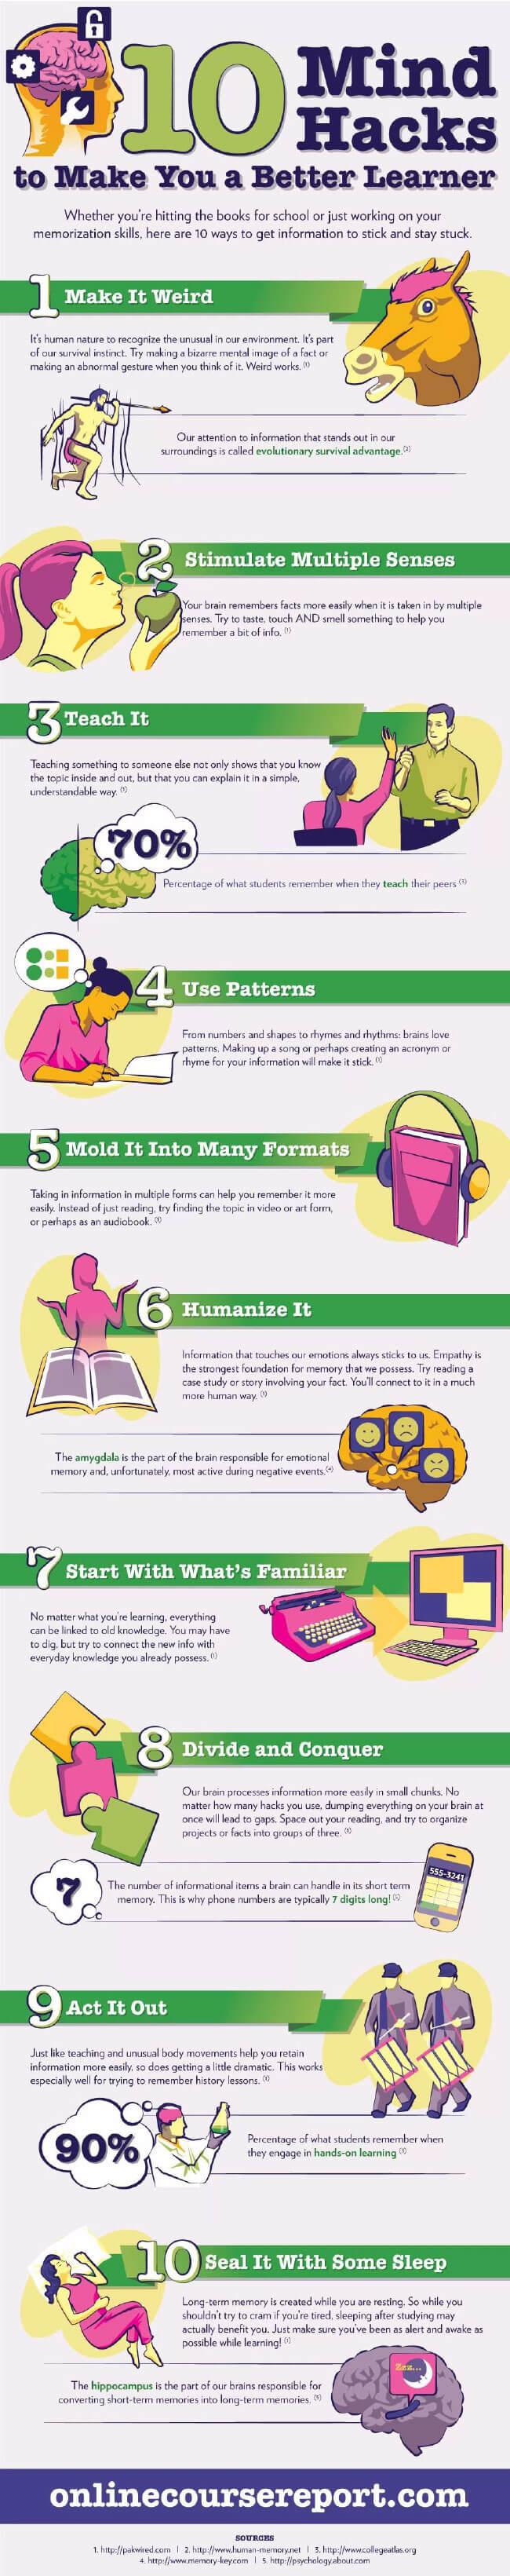 Image titled 10 mind hacks to make you a better learner